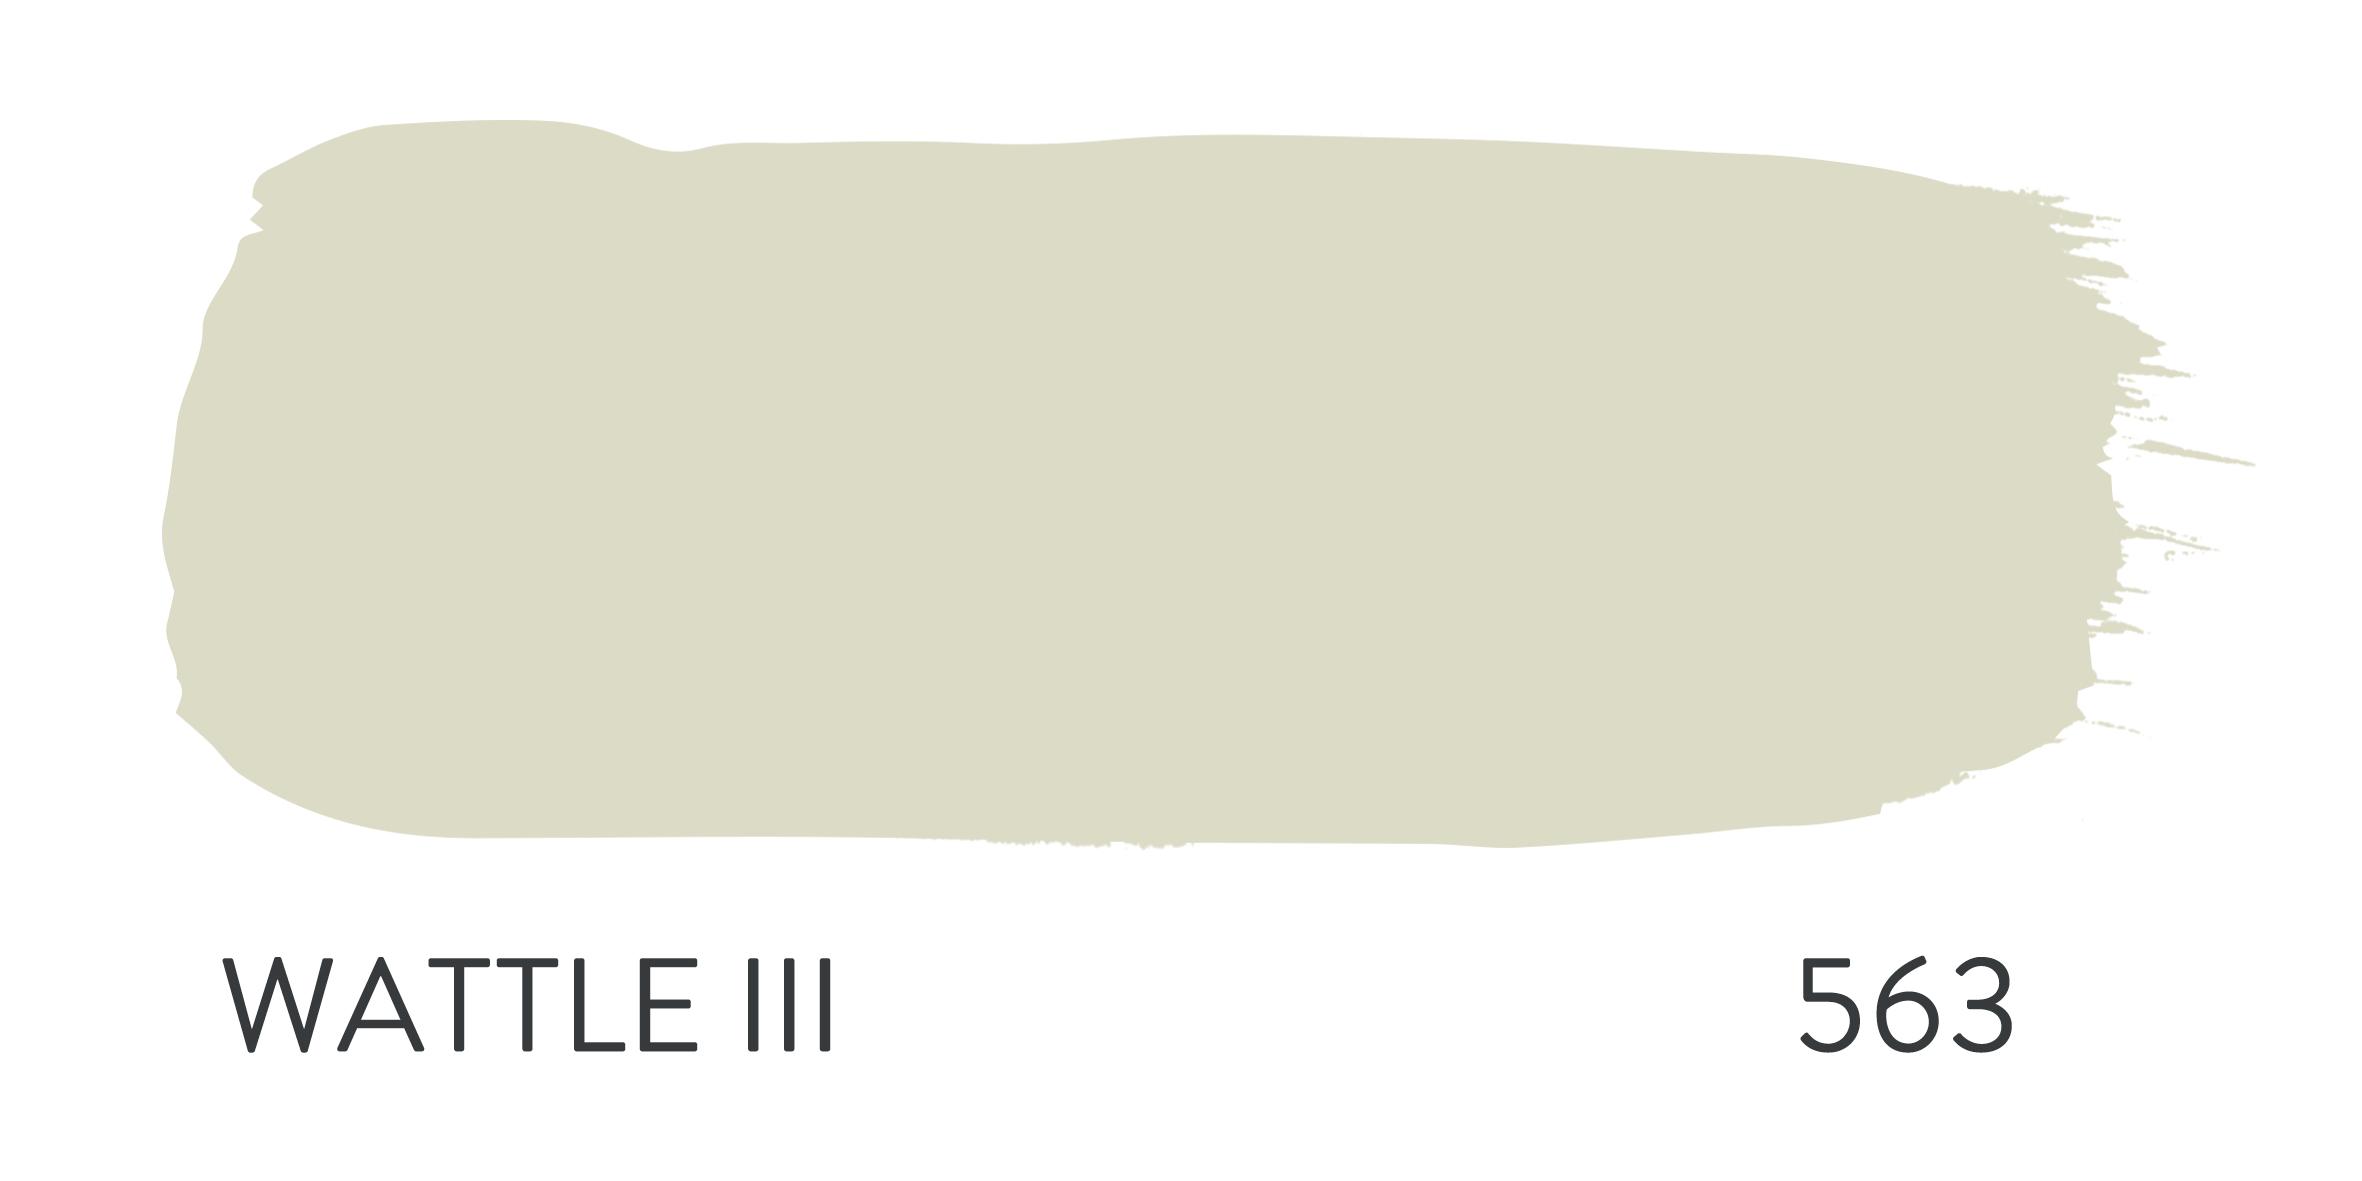 WATTLE III 563.jpg